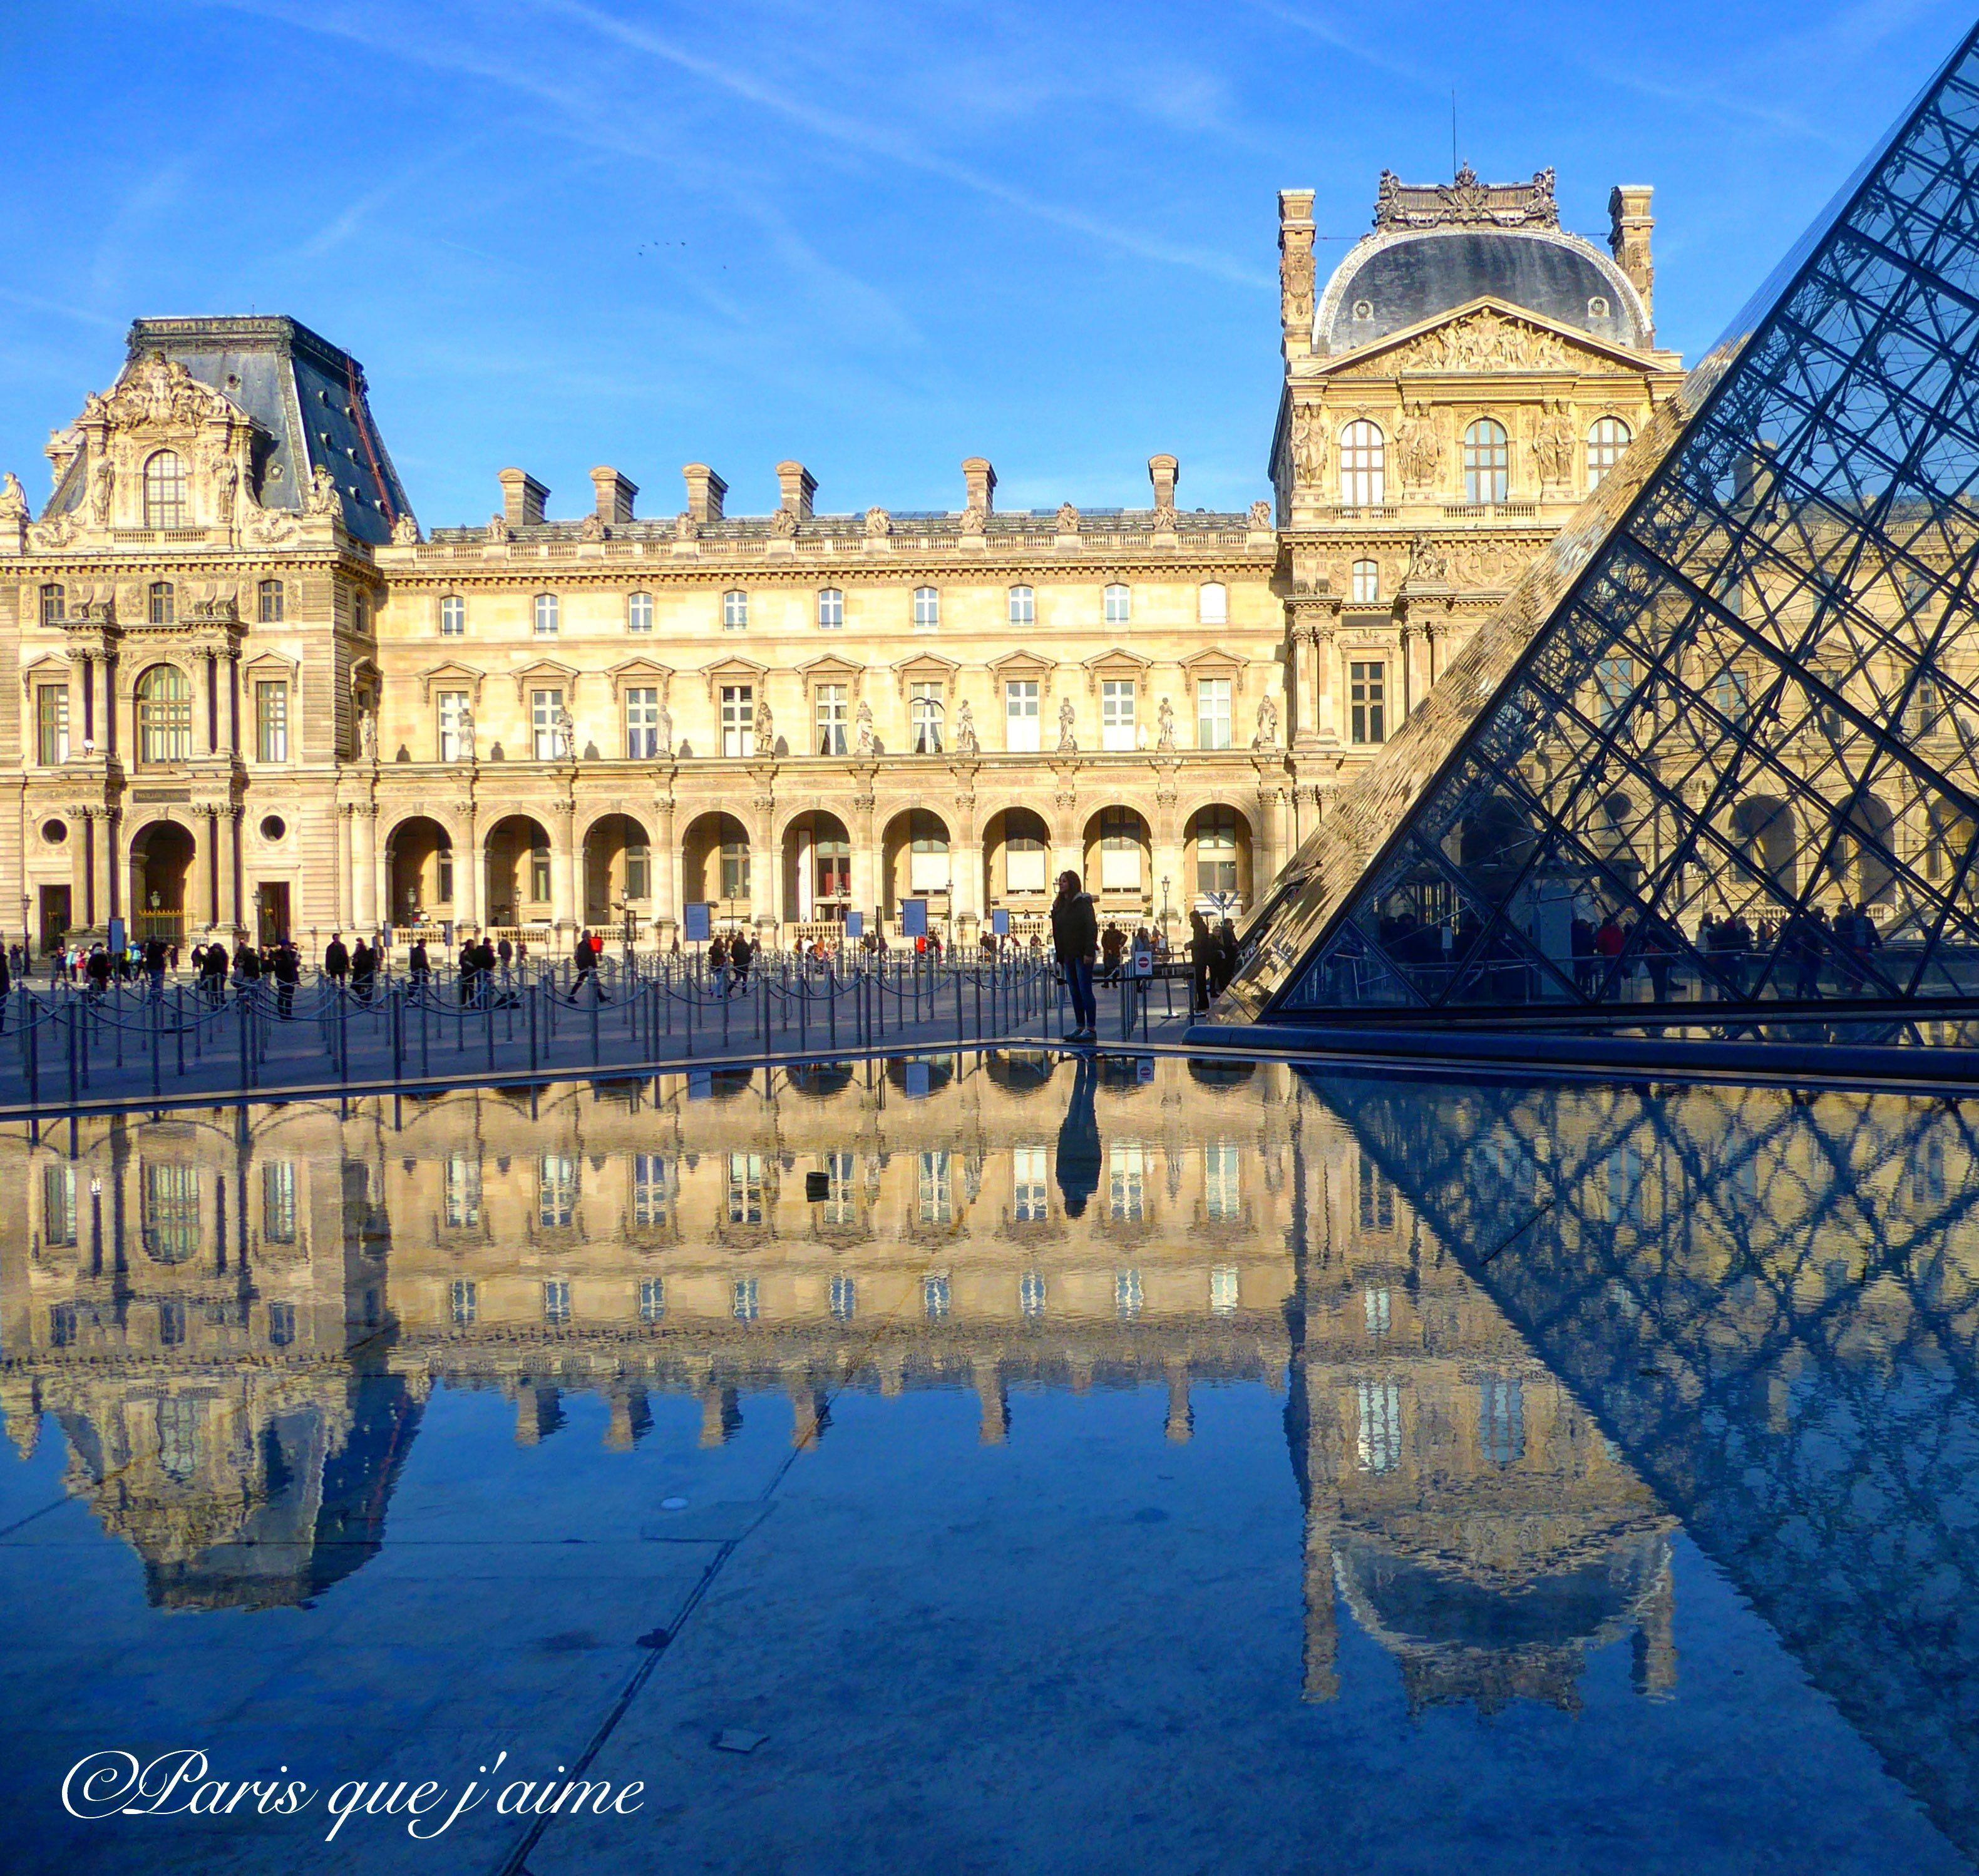 Musee Du Louvre Paris Paris Visite Musee Du Louvre Louvre